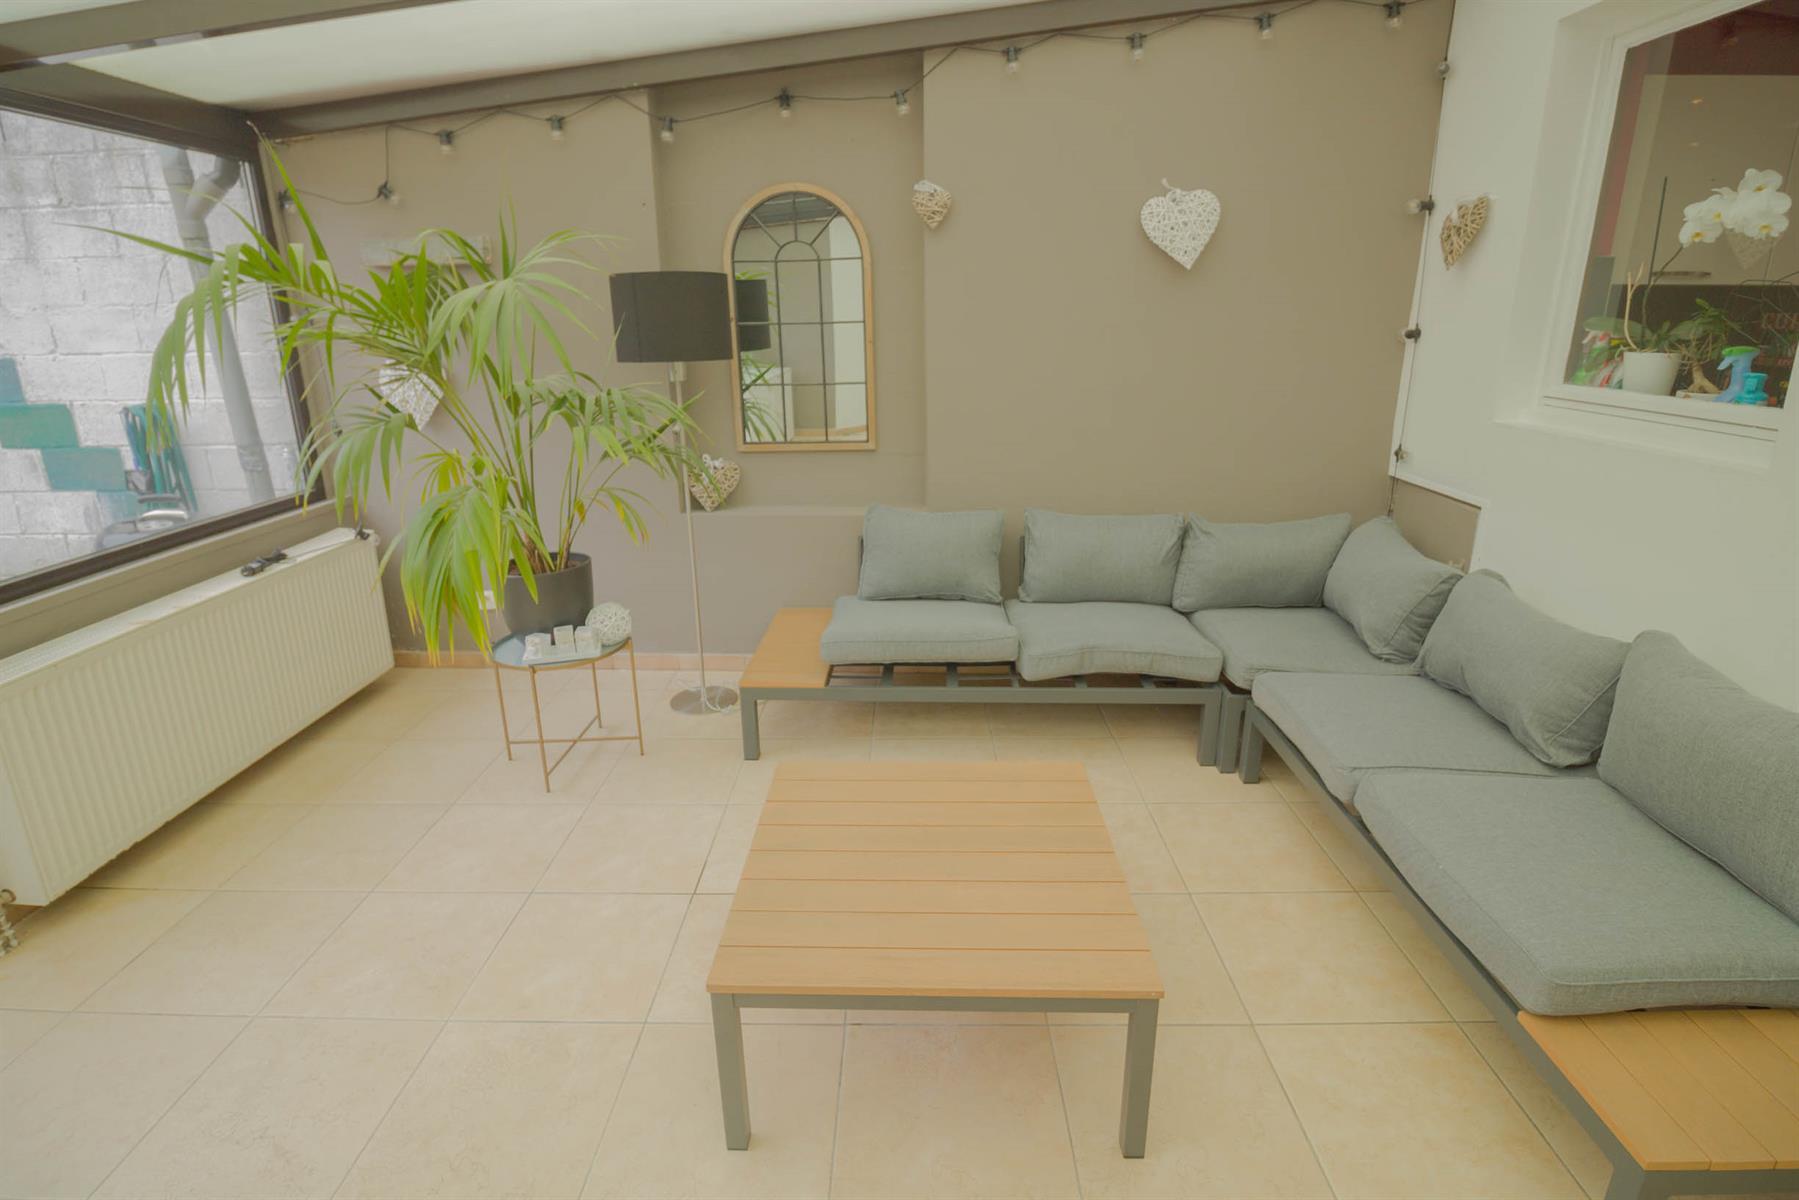 Maison - Gouy-lez-Piéton - #4181133-18